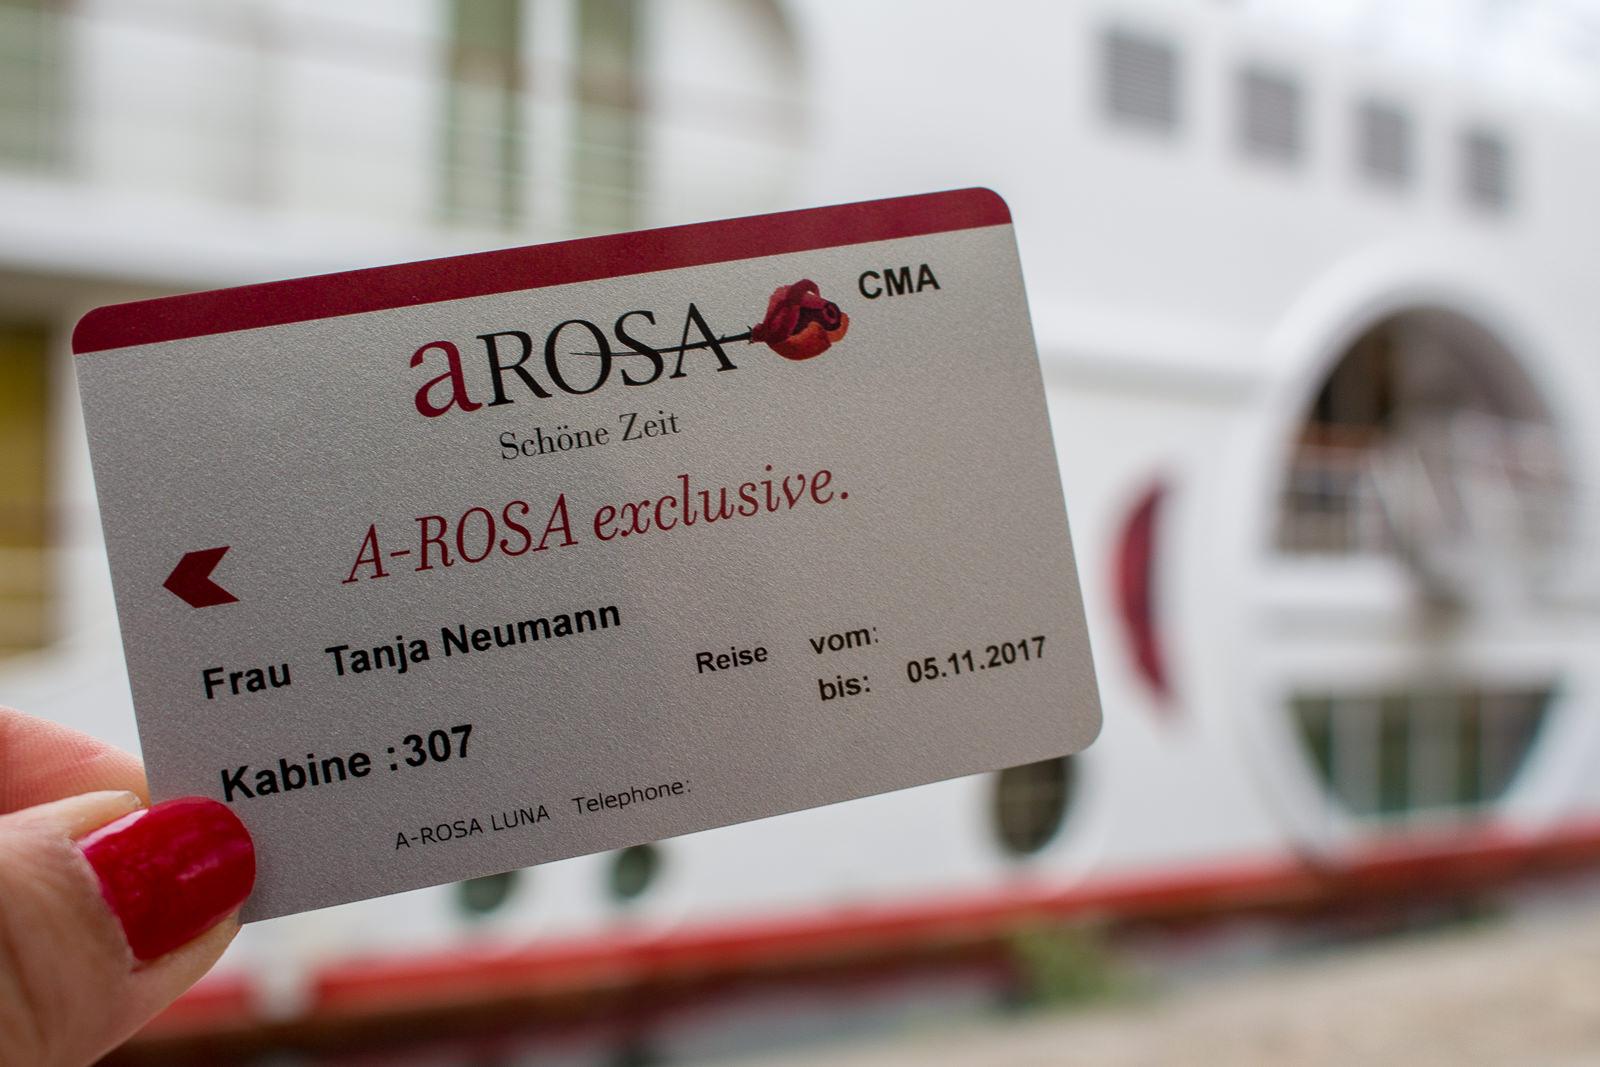 a-rosa, arosa, flusskreuzfahrt, frankreich, rhône, südfrankreich, suedfrankreich, karte